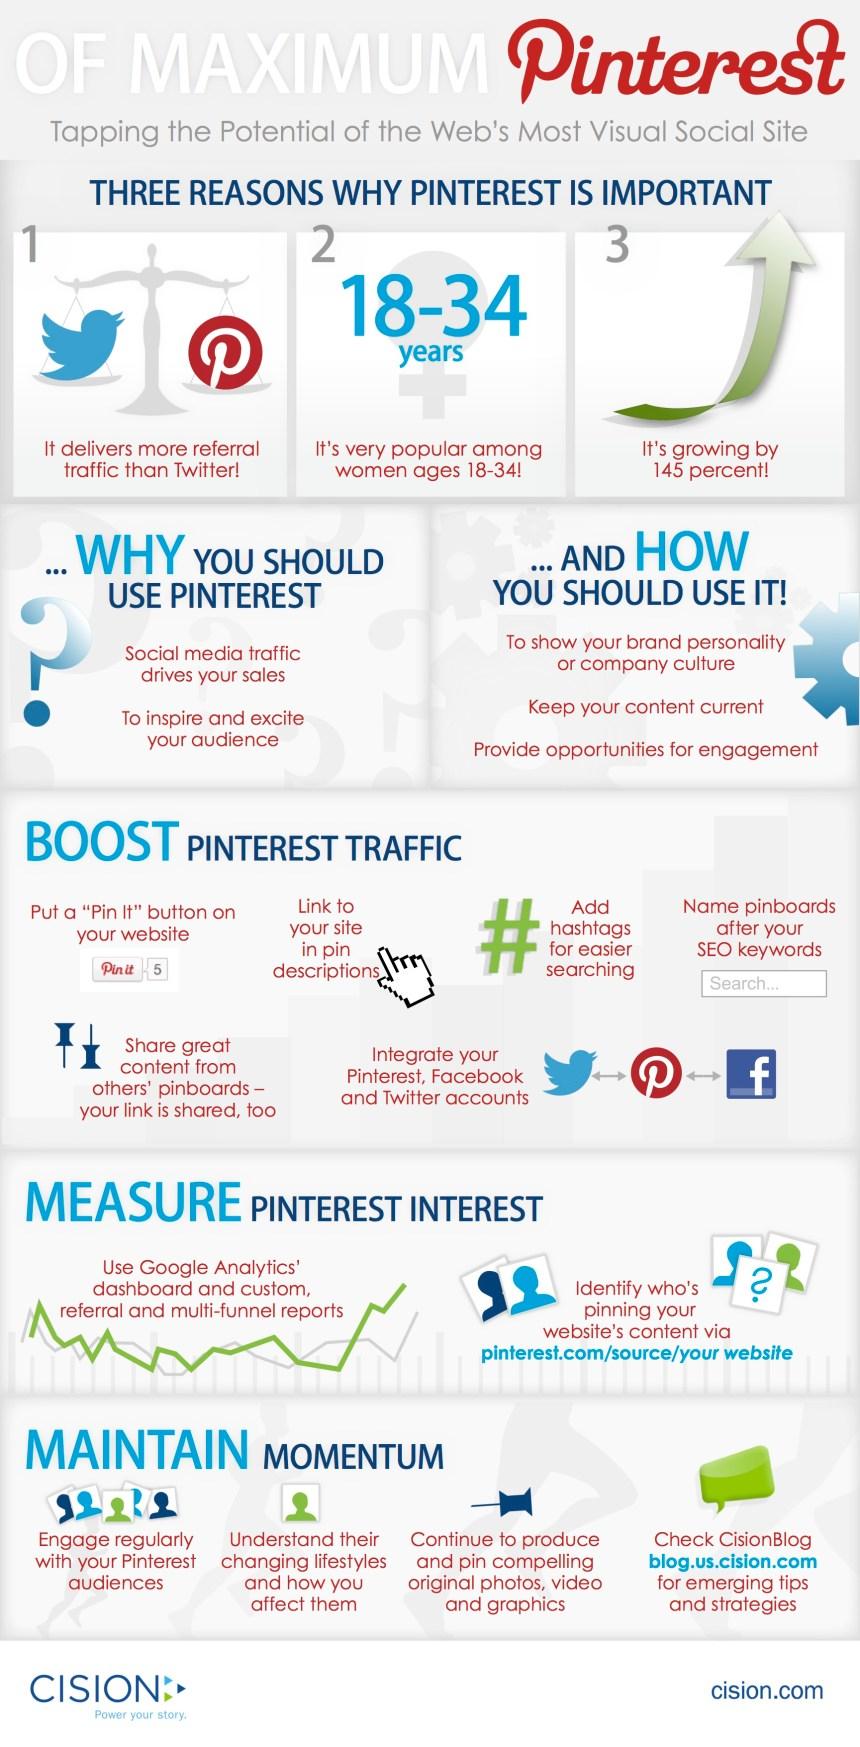 3 razones por las que Pinterest es importante